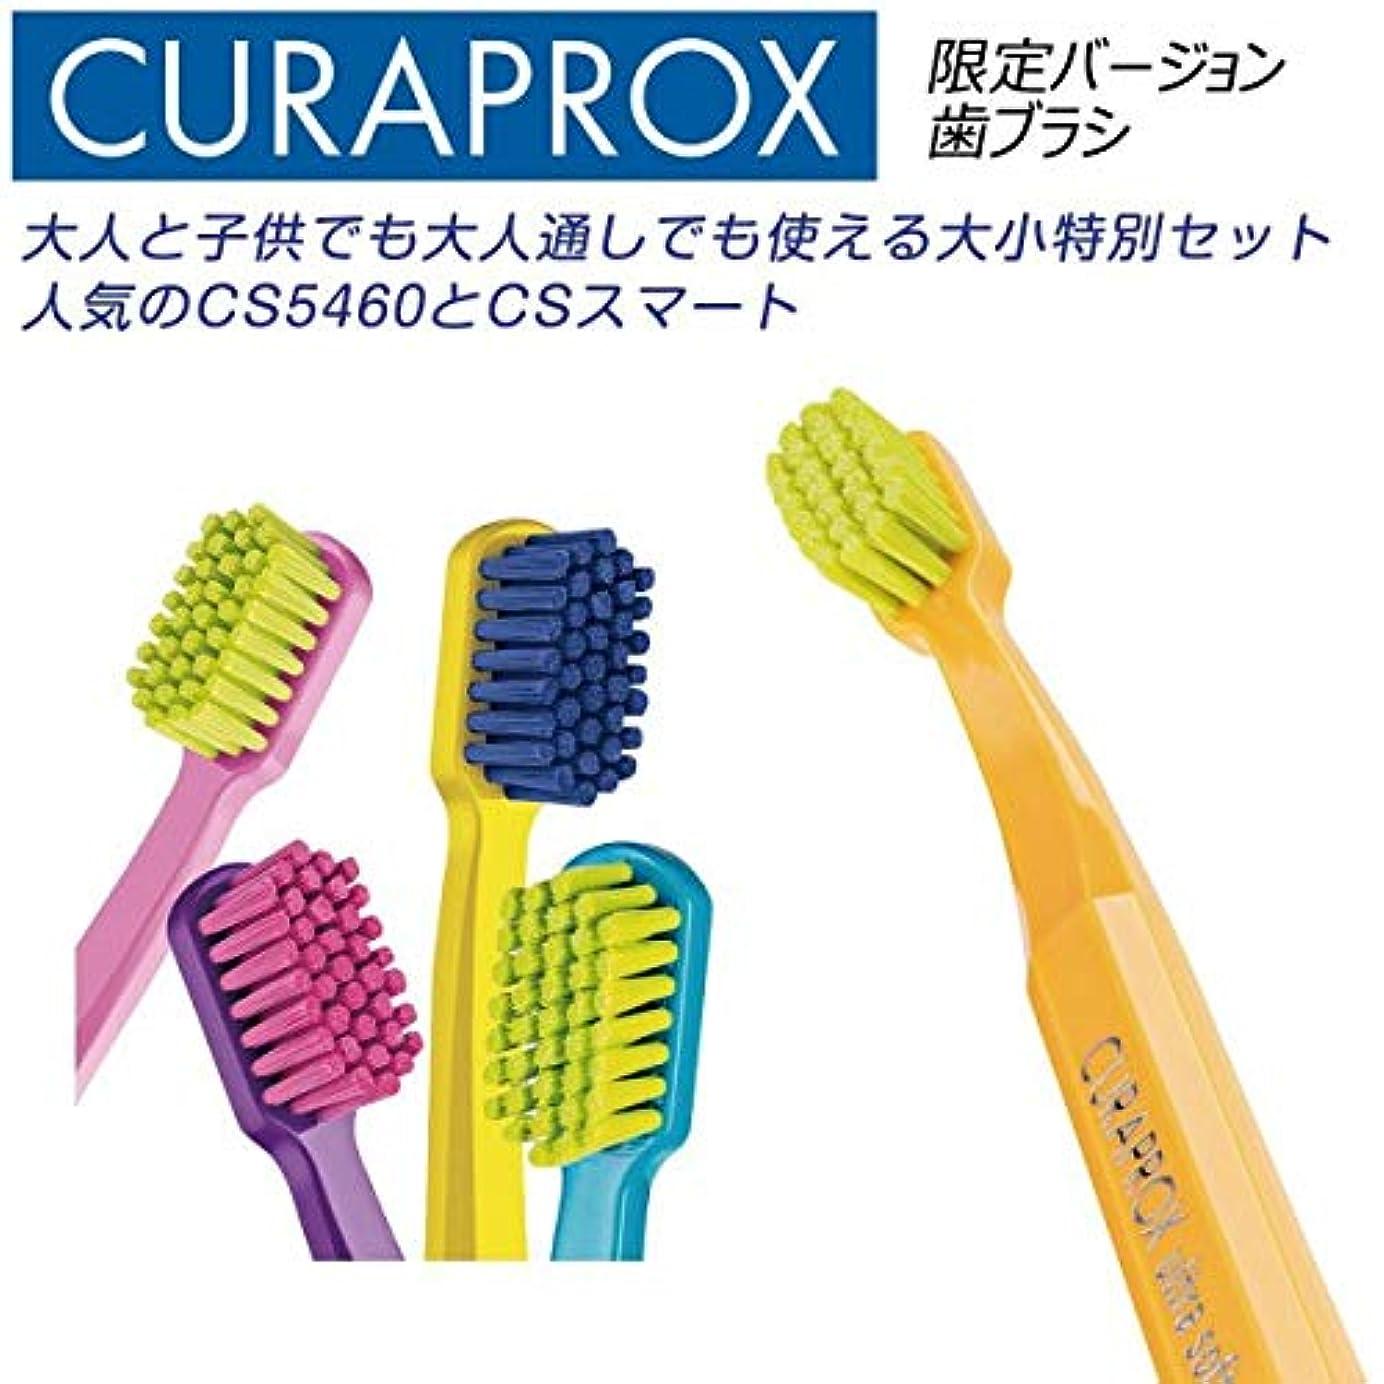 戻る判決プロットクラプロックス 歯ブラシ CS5460 ファミリーエディション黄緑+ピンク